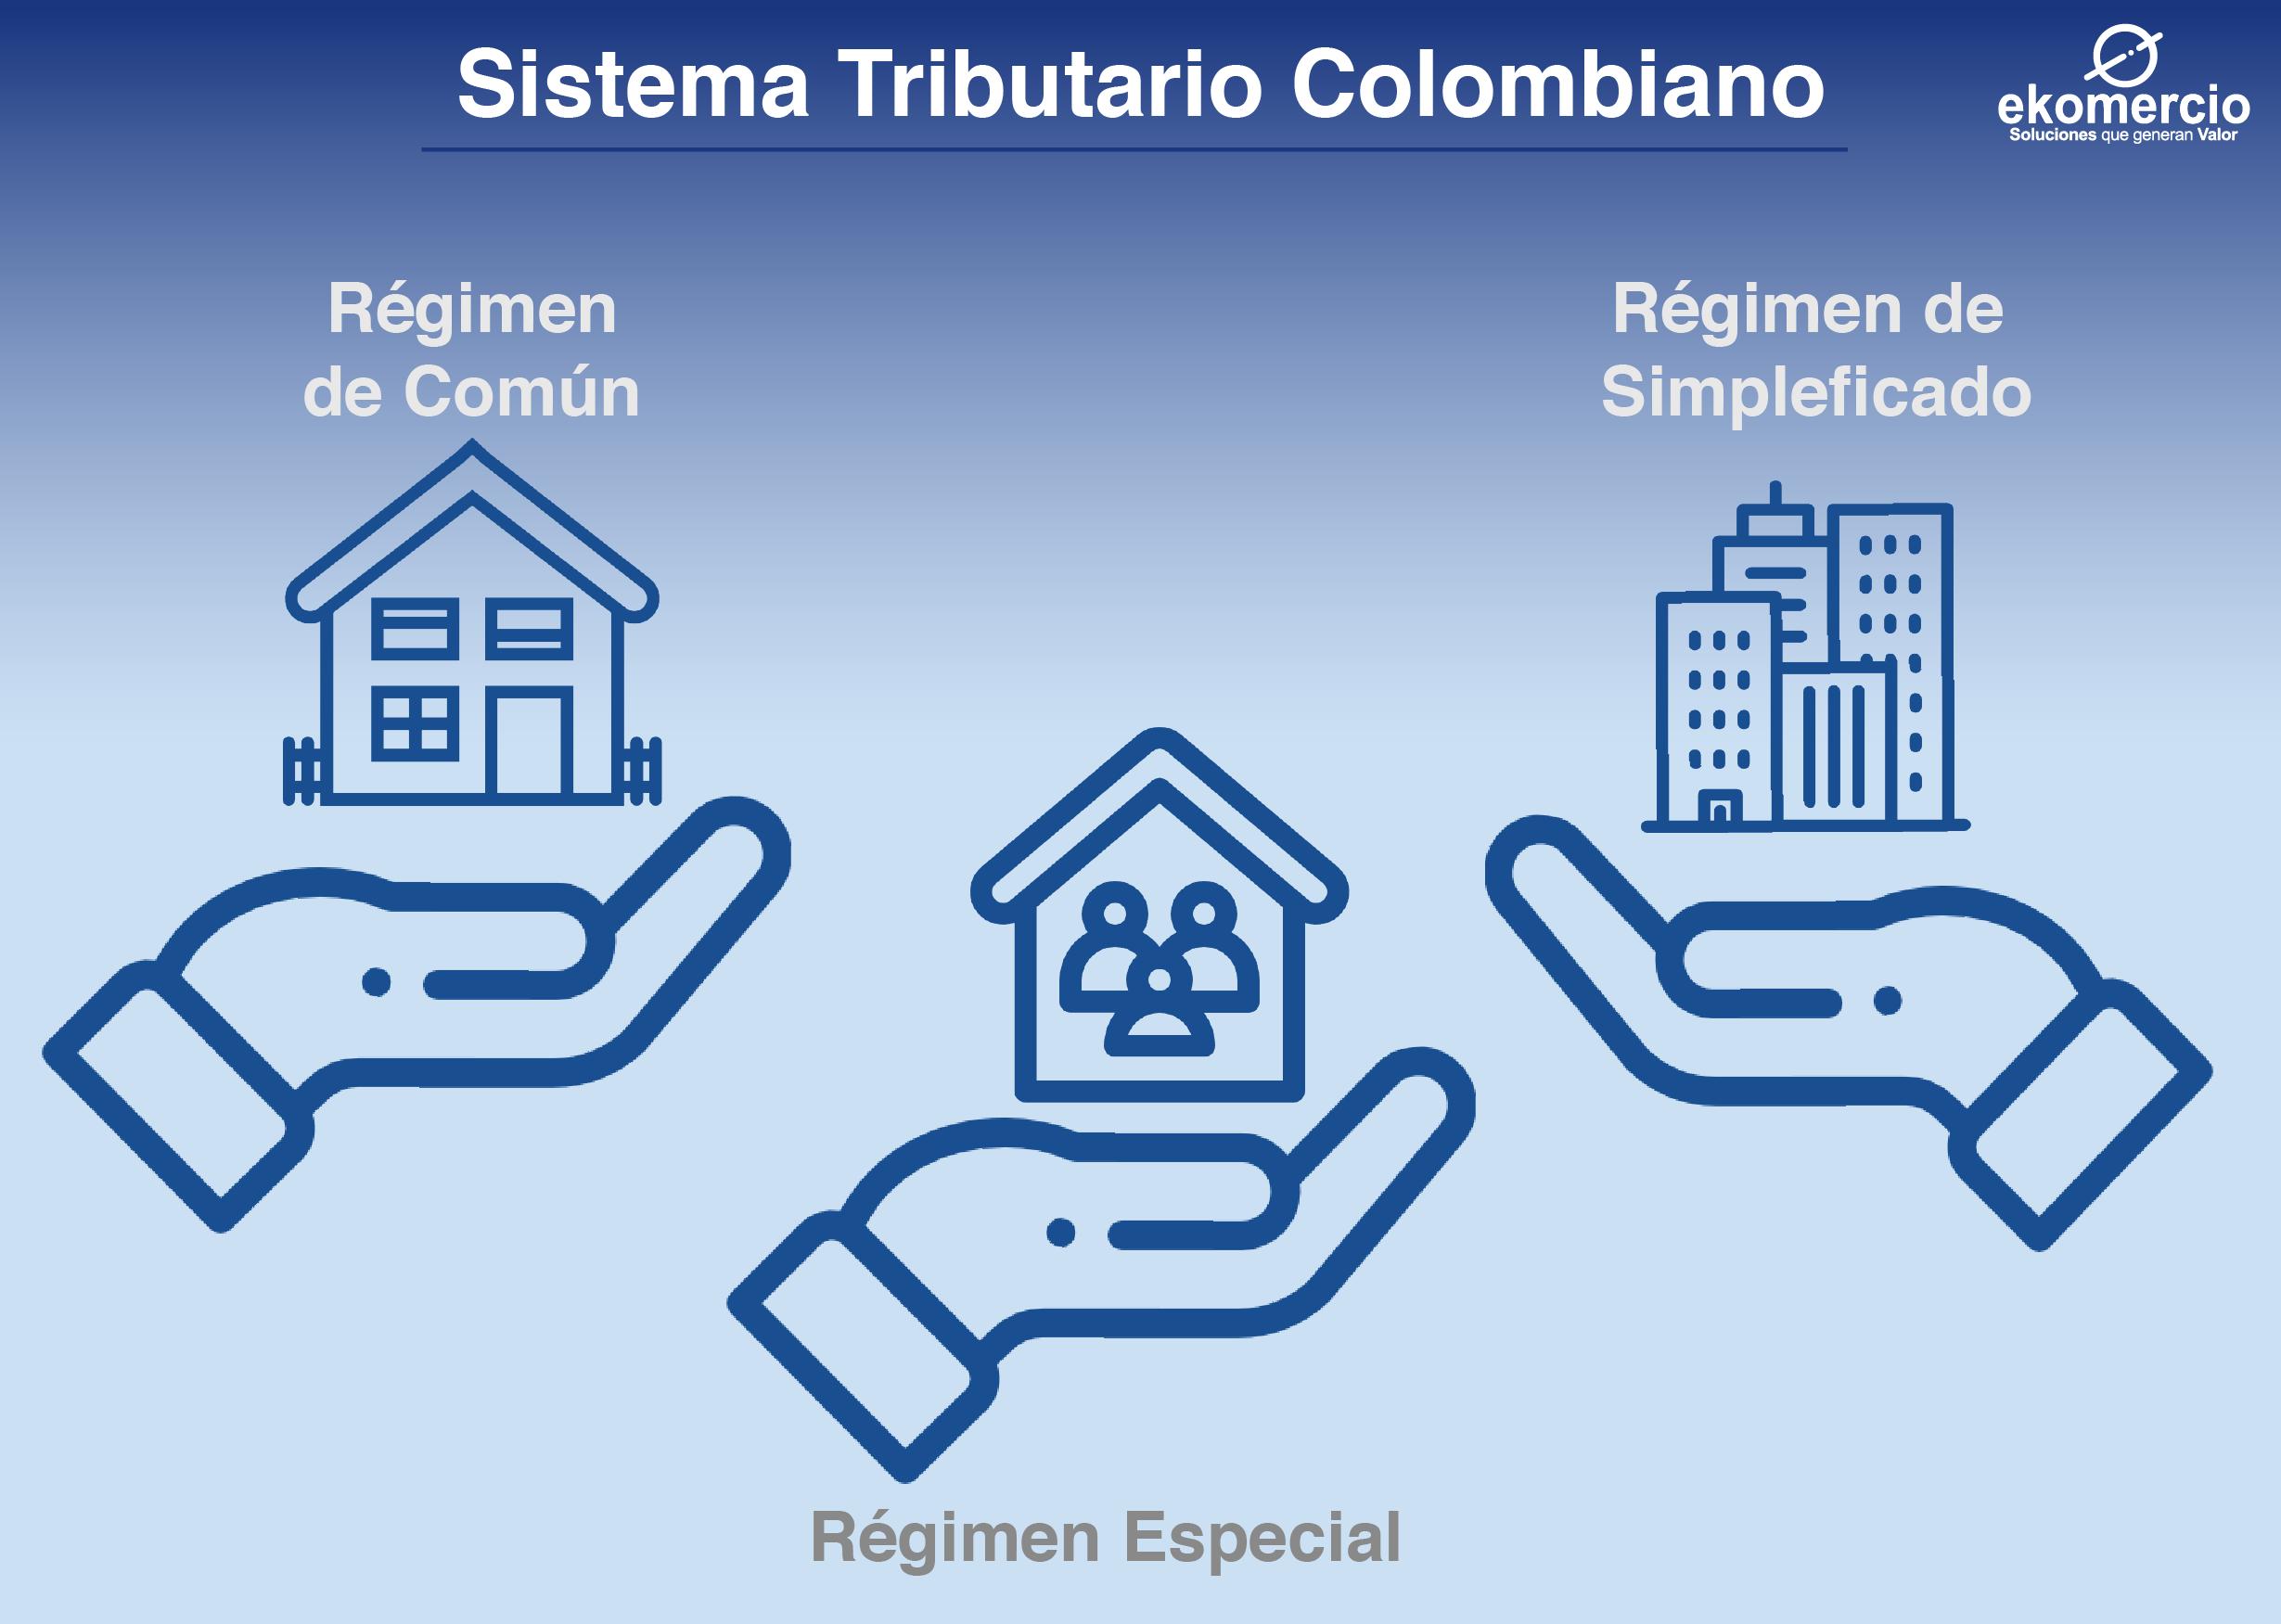 regimen común, regimen simplificado, regimen especial_Mesa de trabajo 1